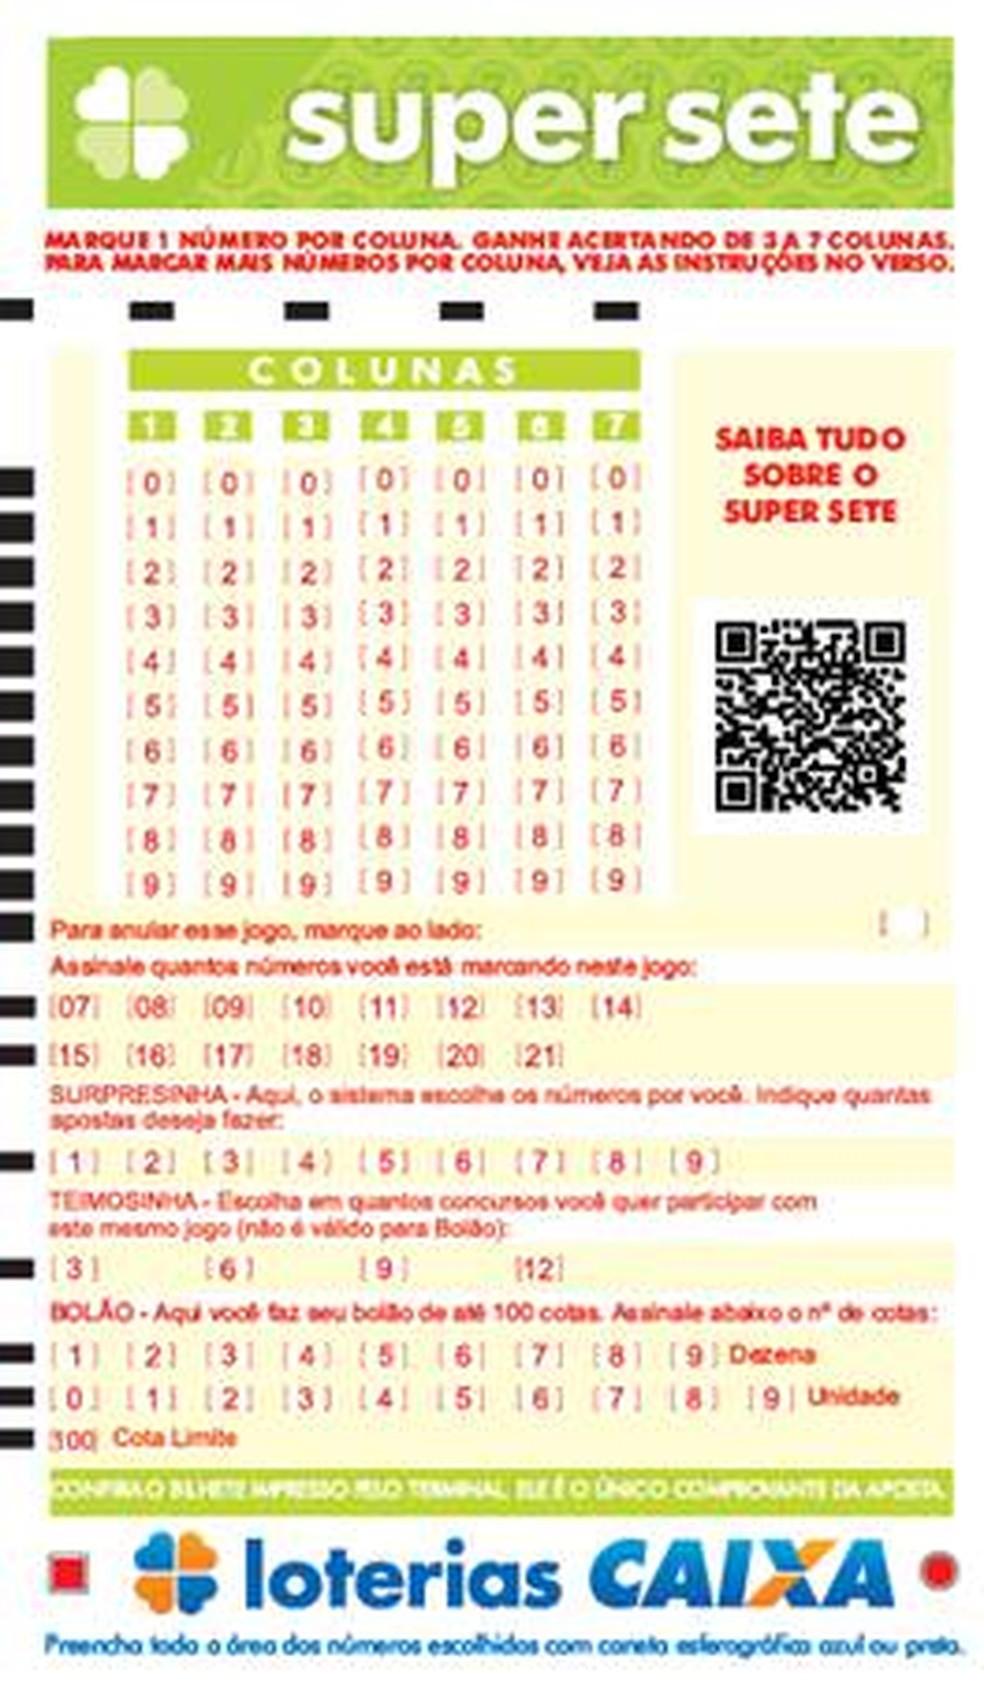 Caixa lança Super Sete, nova modalidade de loteria — Foto: Divulgaçao